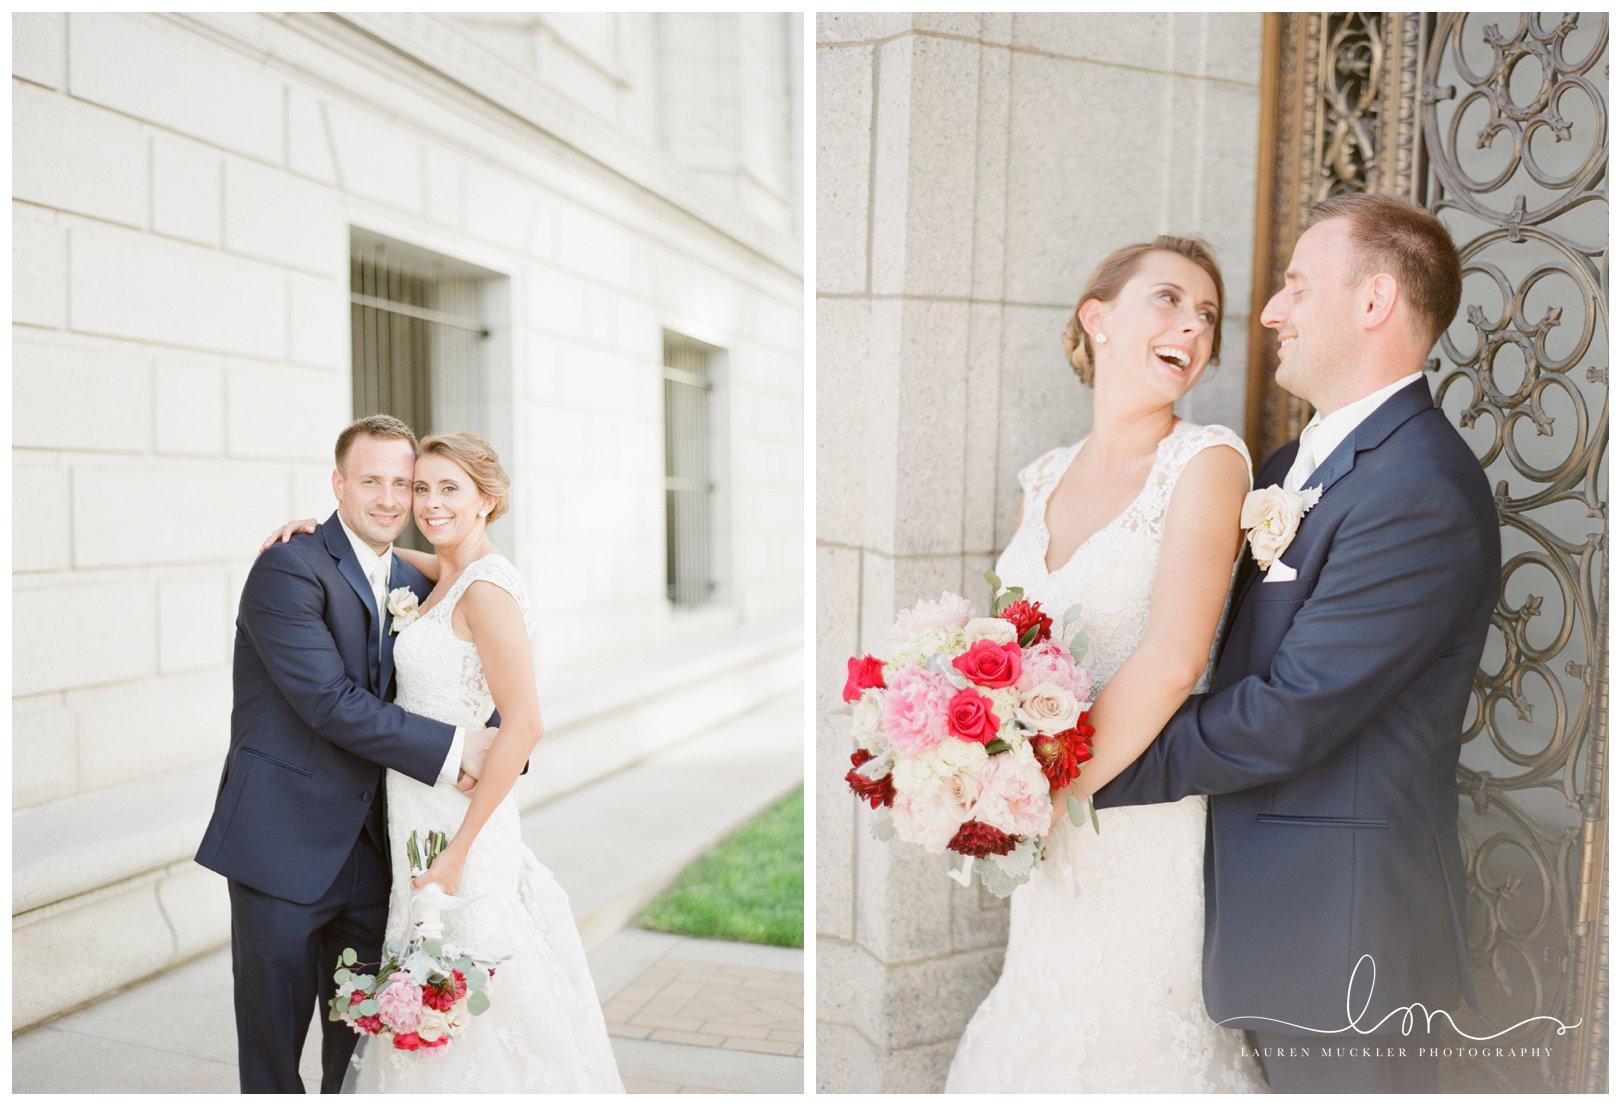 lauren muckler photography_fine art film wedding photography_st louis_photography_0494.jpg